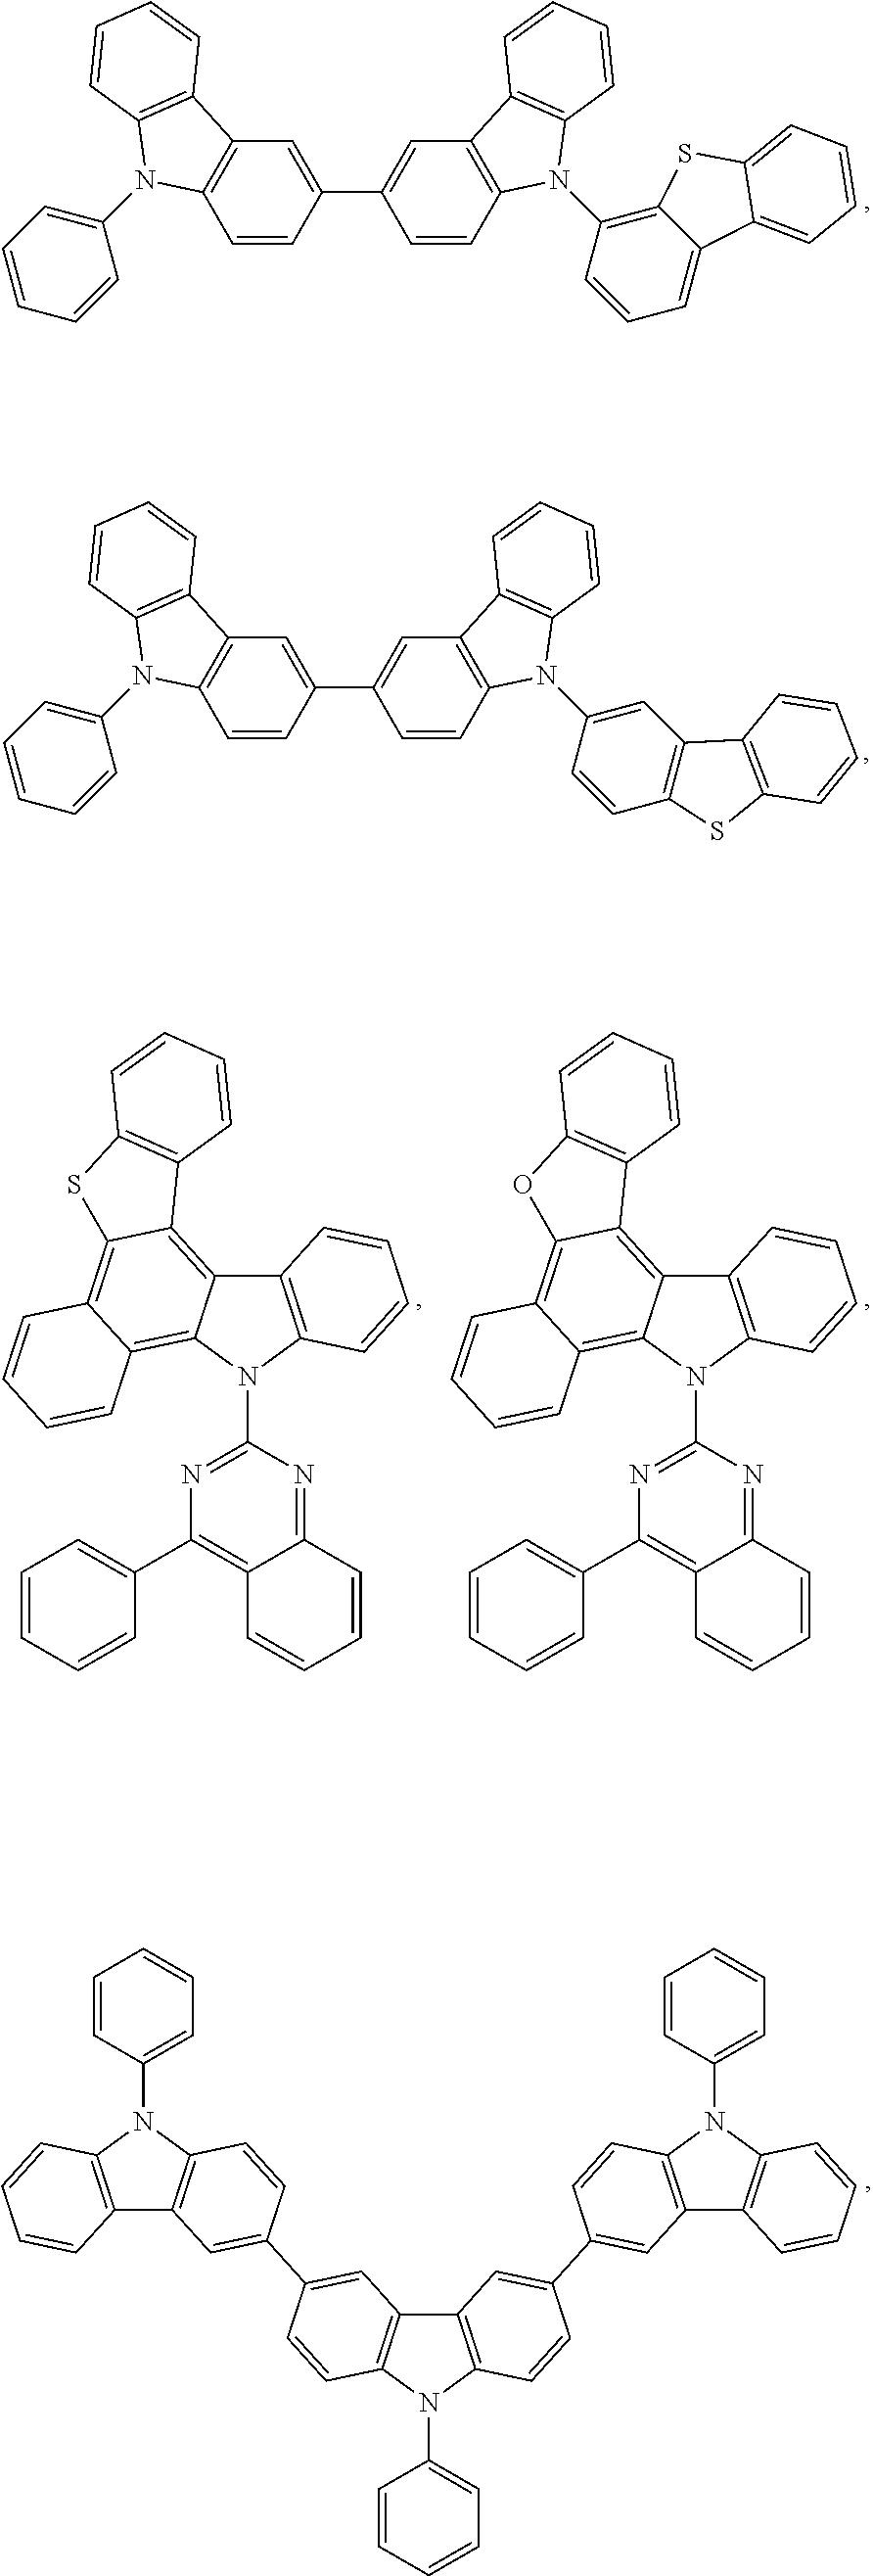 Figure US09905785-20180227-C00173